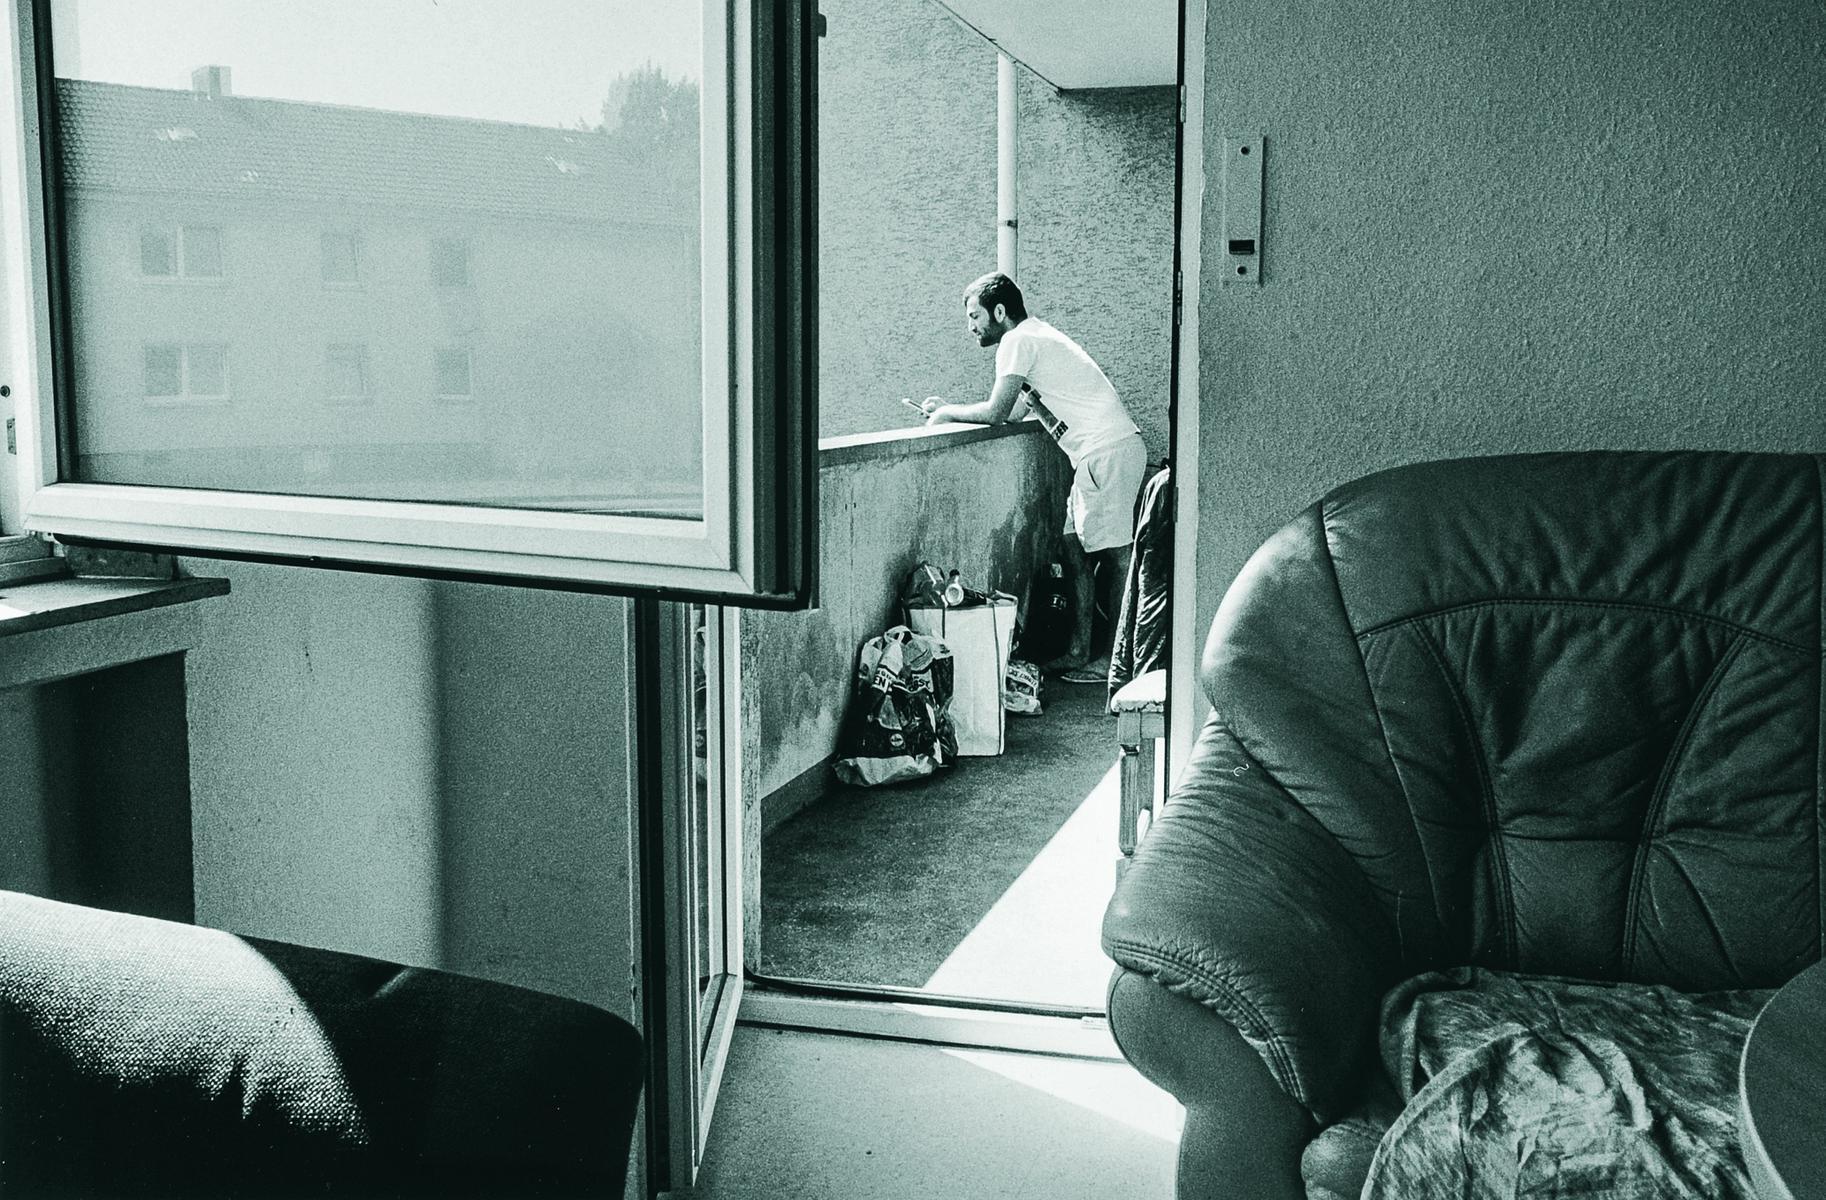 Geflüchteter aus Afghanistan in einer Flüchtlingsunterkunft in Mülheim